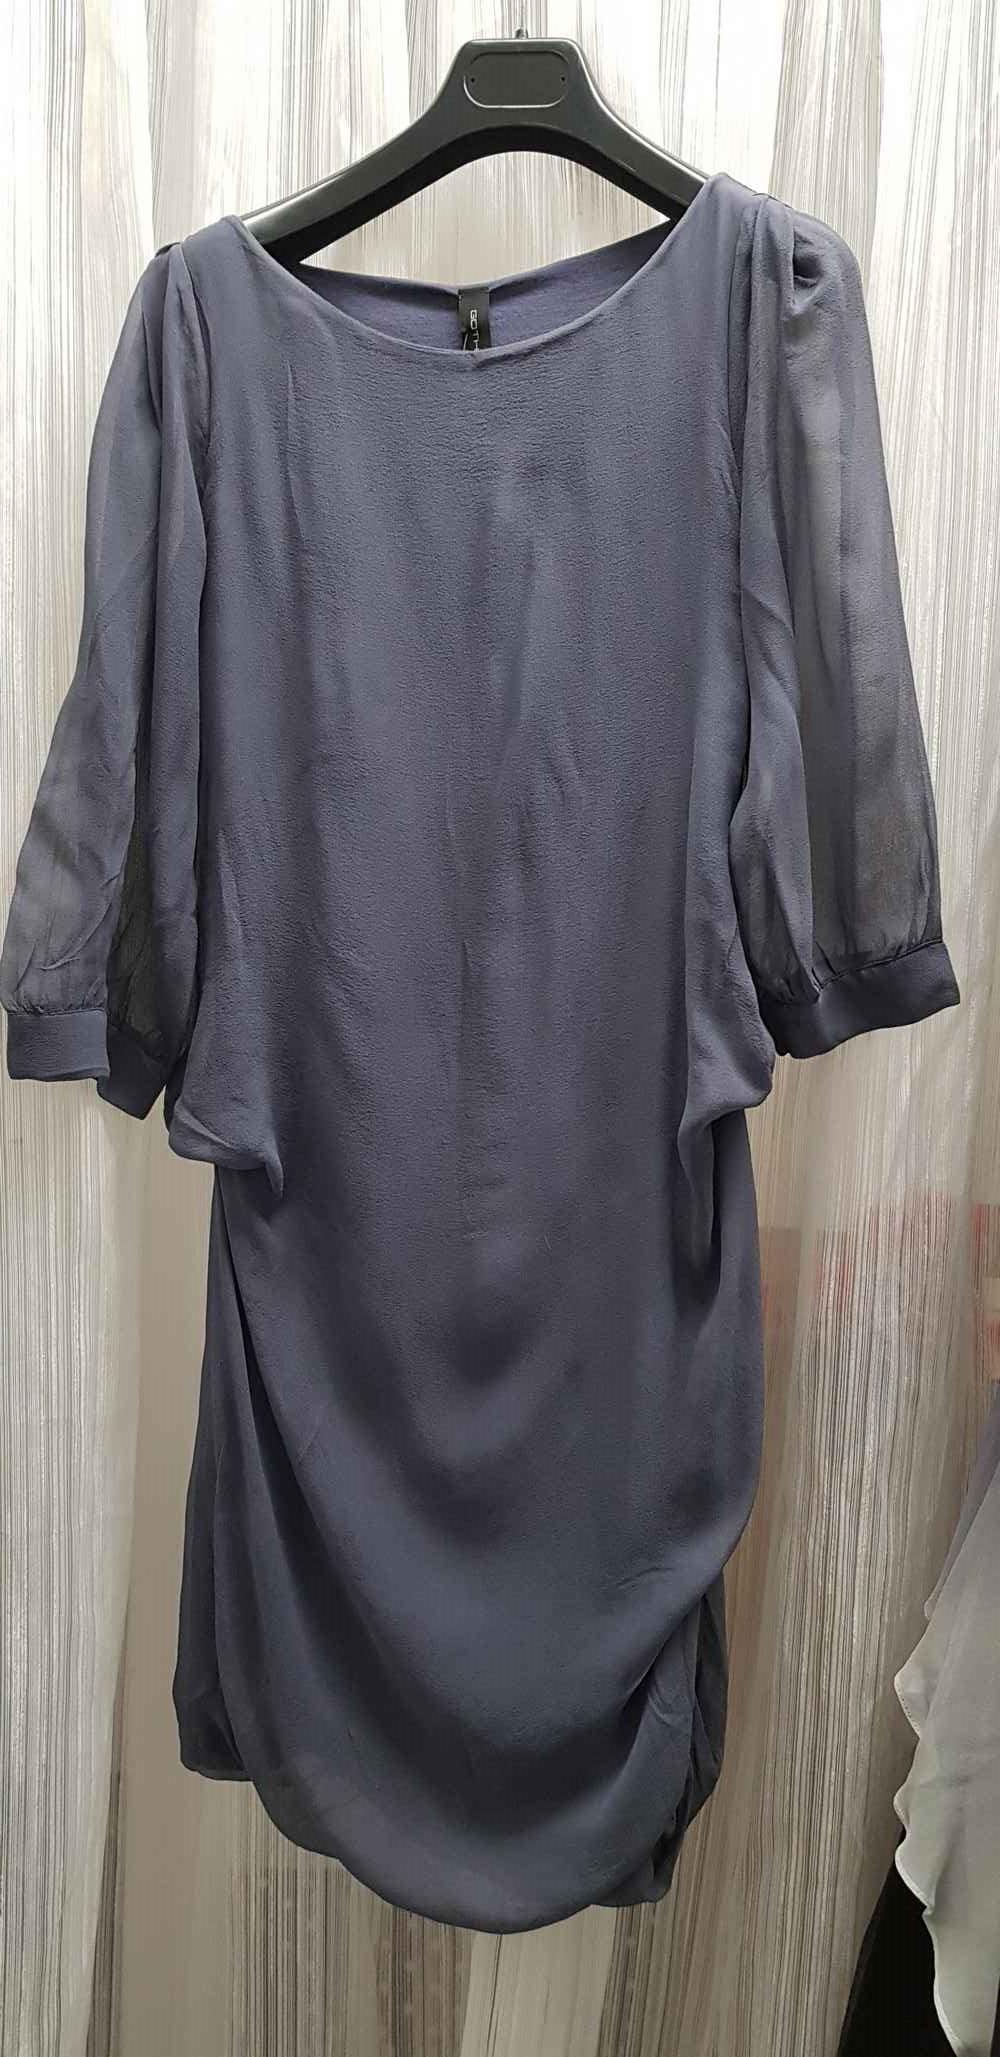 9c4a483bc7a5a Catanzaro Vestiti usati di marca uomo donna abbigliamento di marca usato